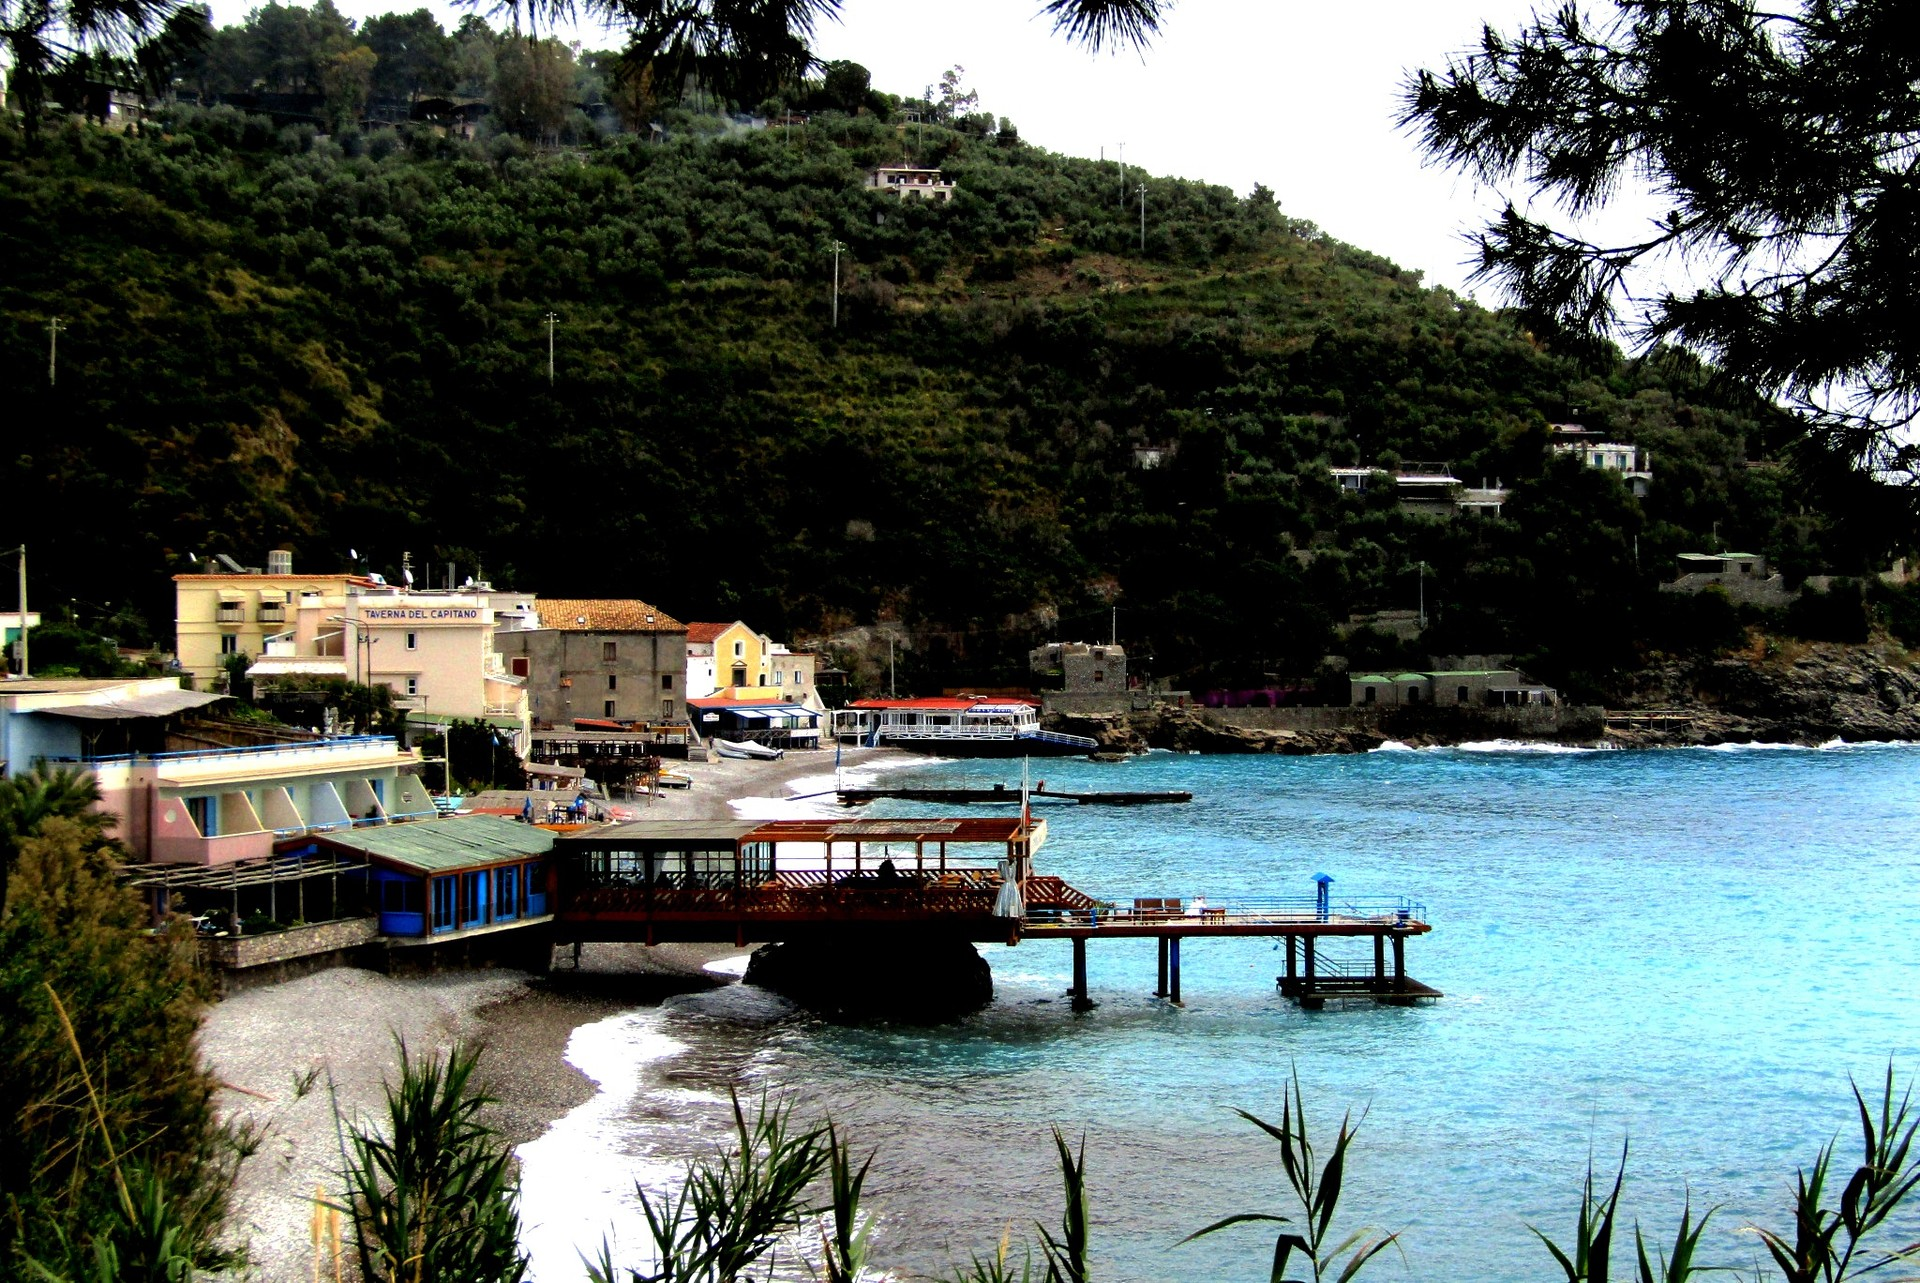 Rumbo a la Costa Amalfitana